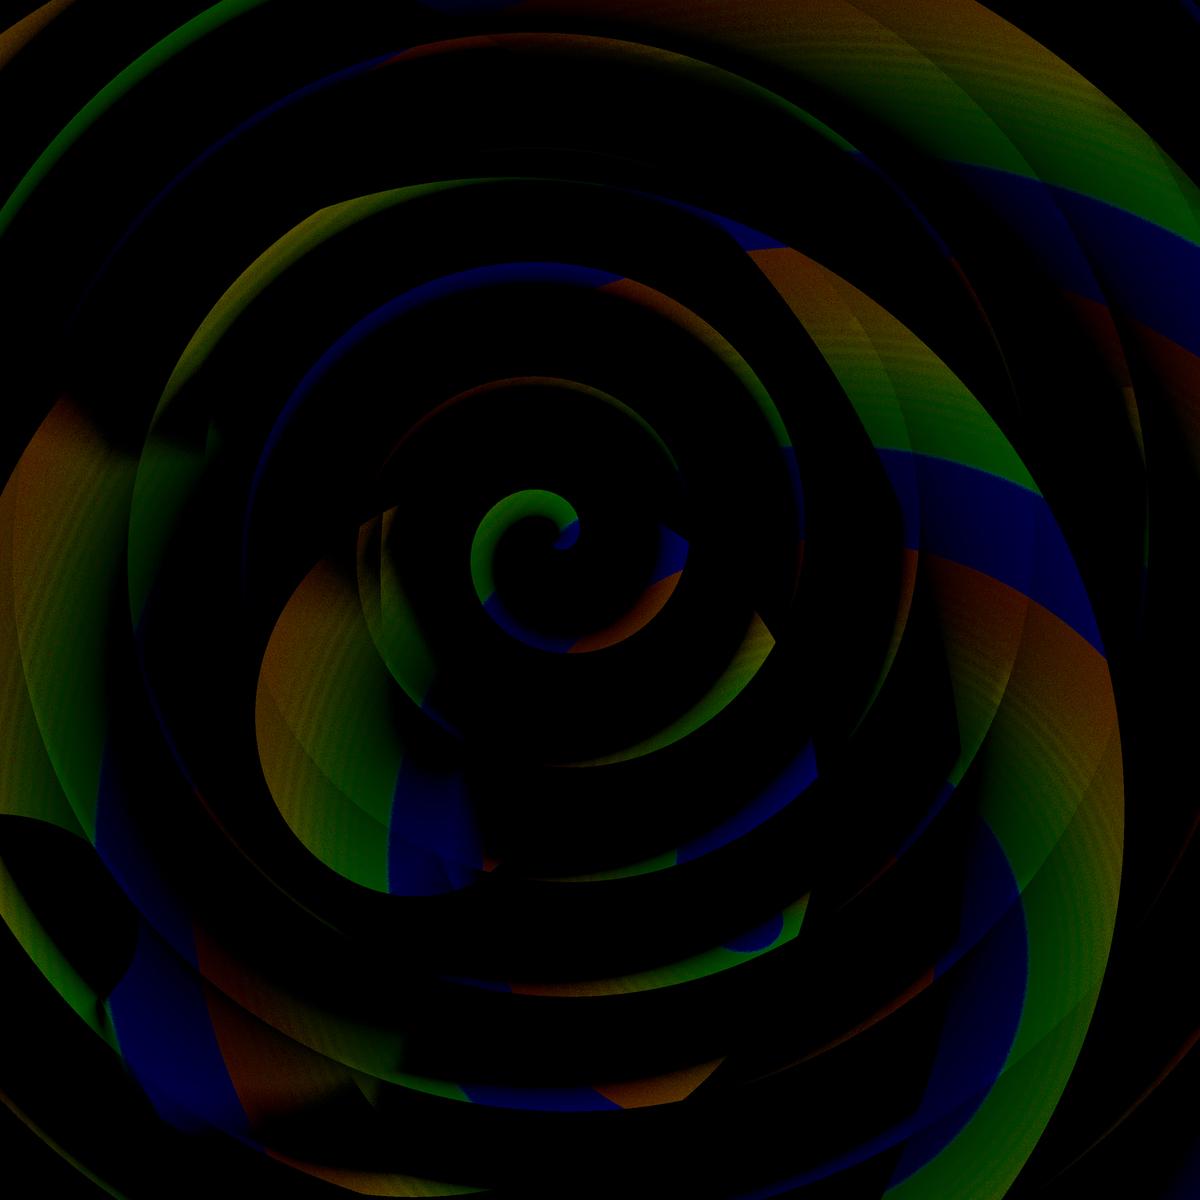 渦巻螺旋 a